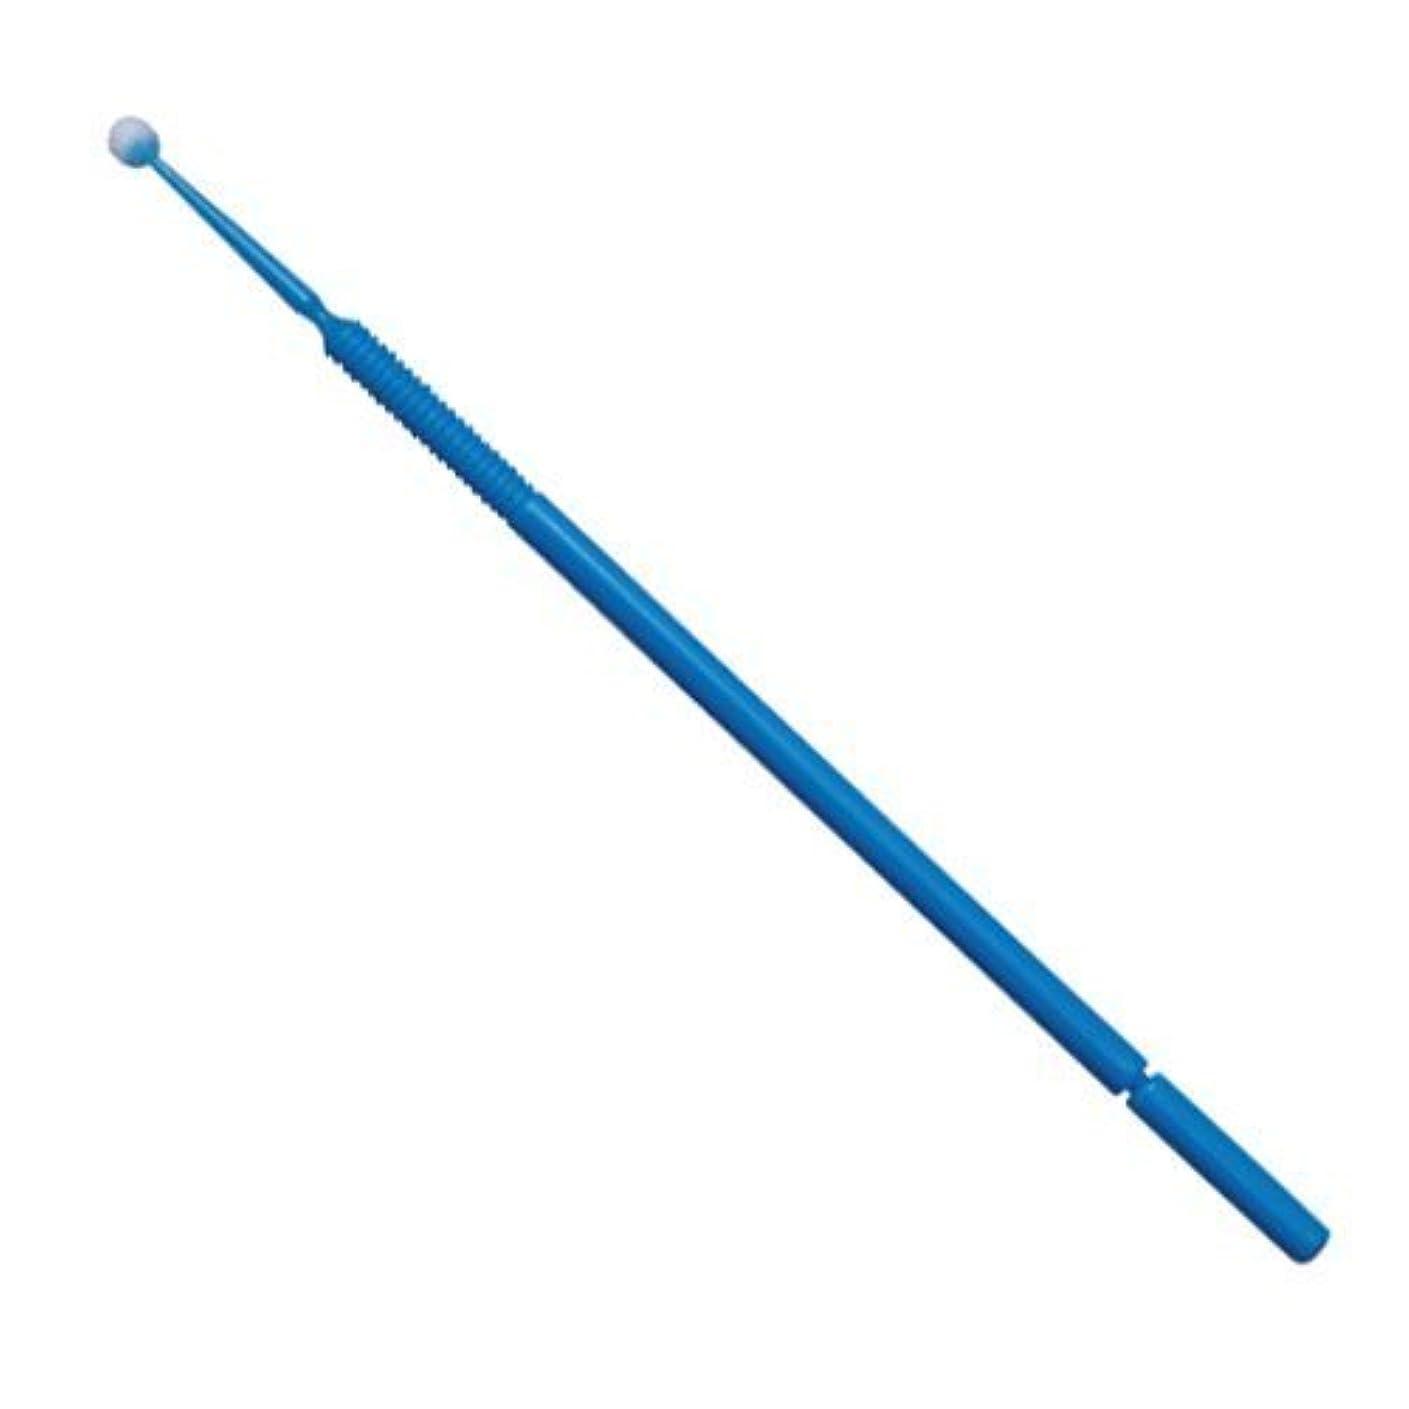 書き込み報いる同じマイクロアプリケーター(マイクロブラシ) レギュラー:φ2.0mm、ブルー/ 1箱100本